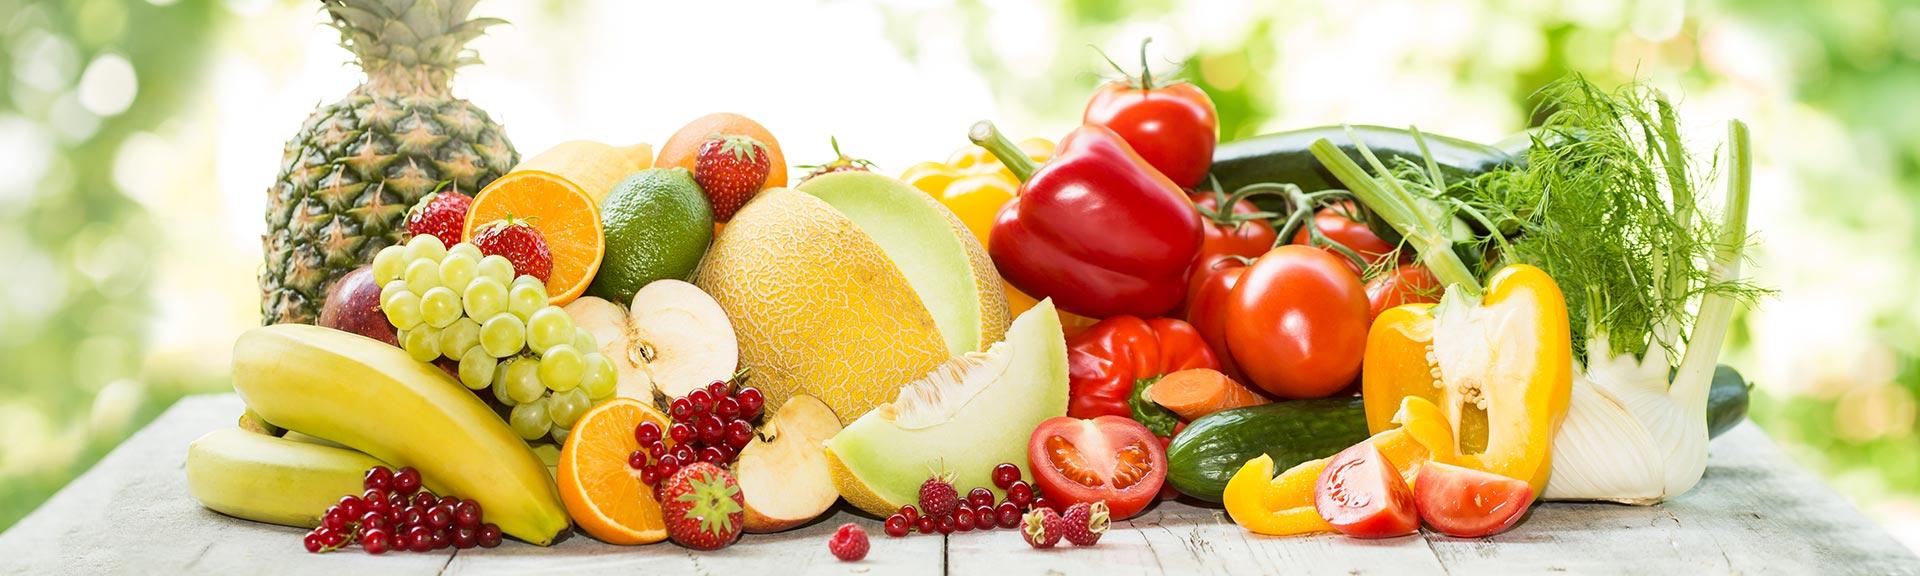 Lösungen für die Lagerung von Lebensmitteln